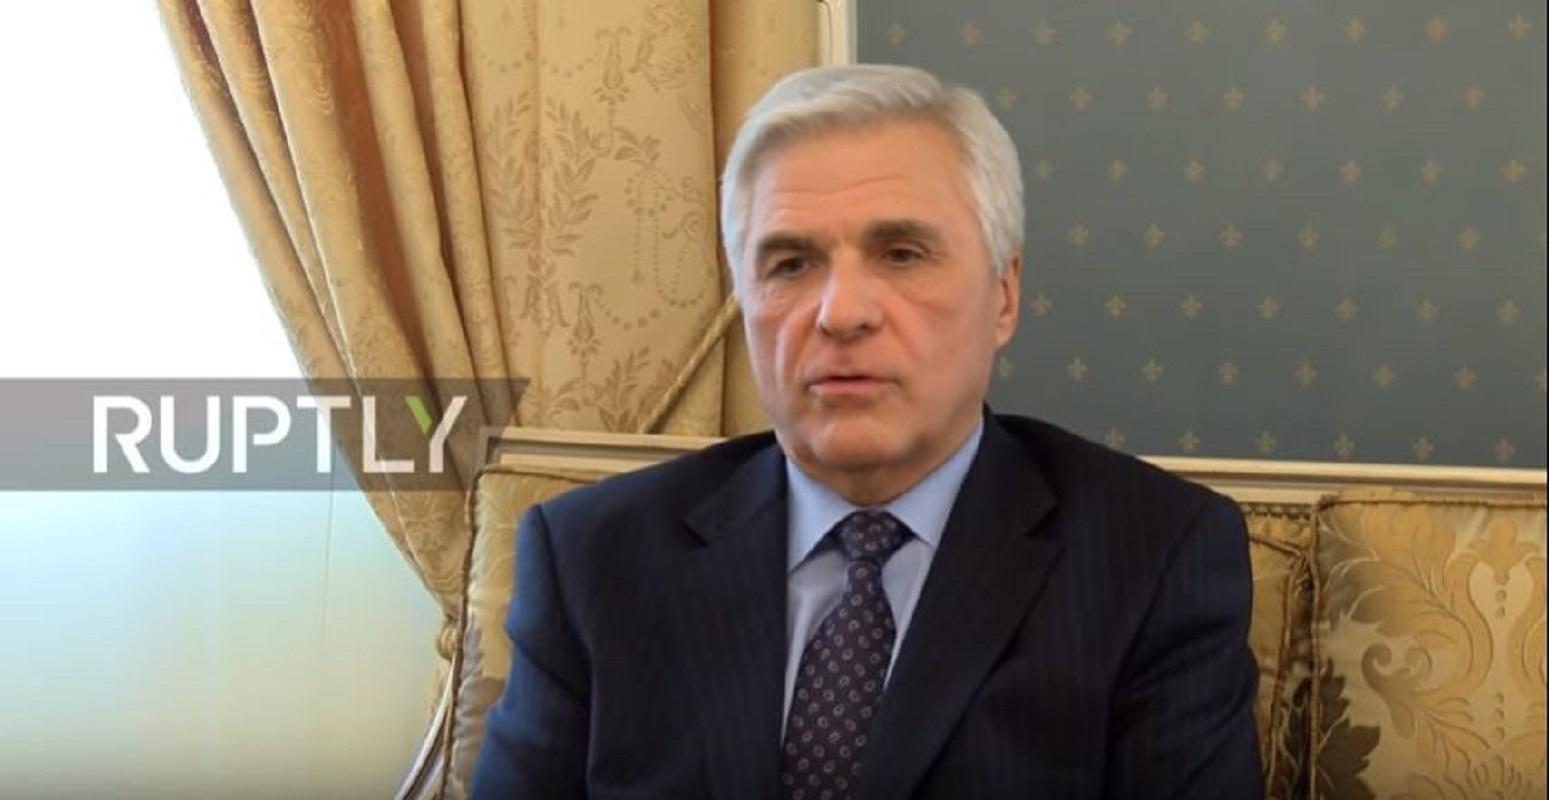 السفير الروسي في اليمن: طرفا النزاع بصدد عقد محادثات